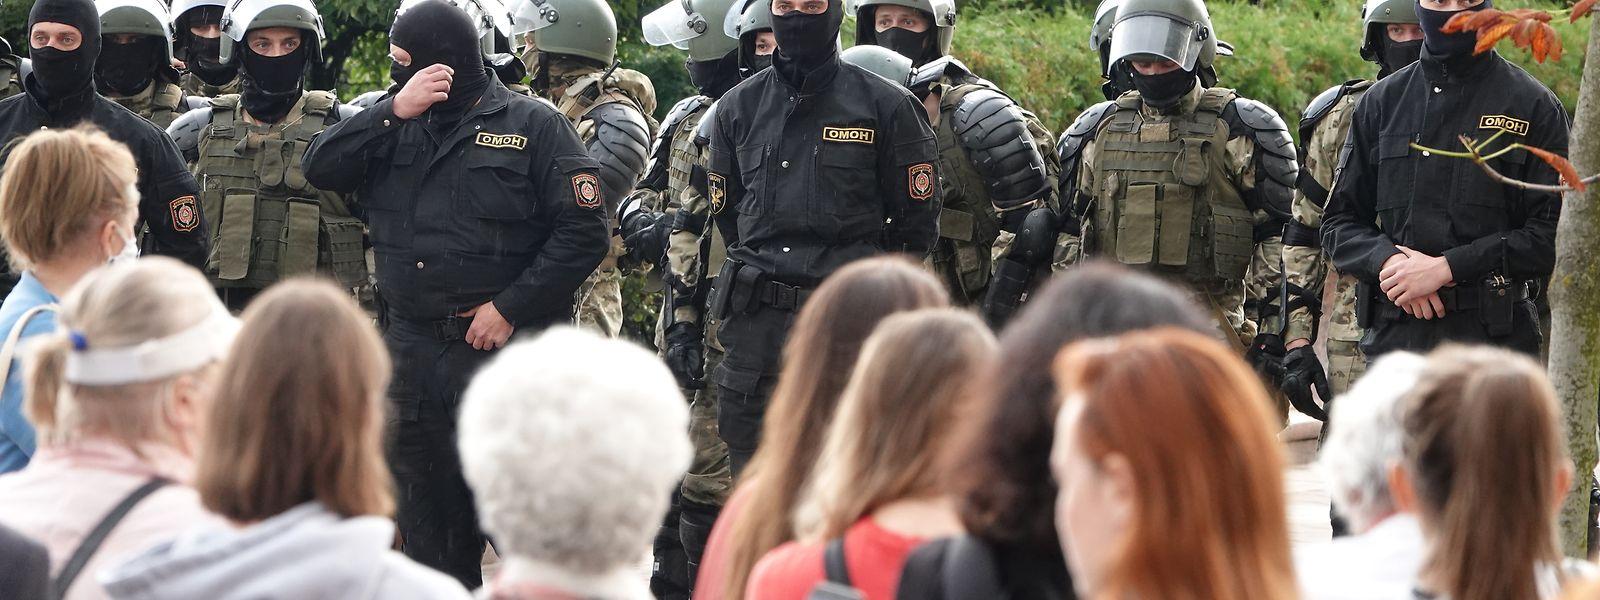 russische militarische frauen